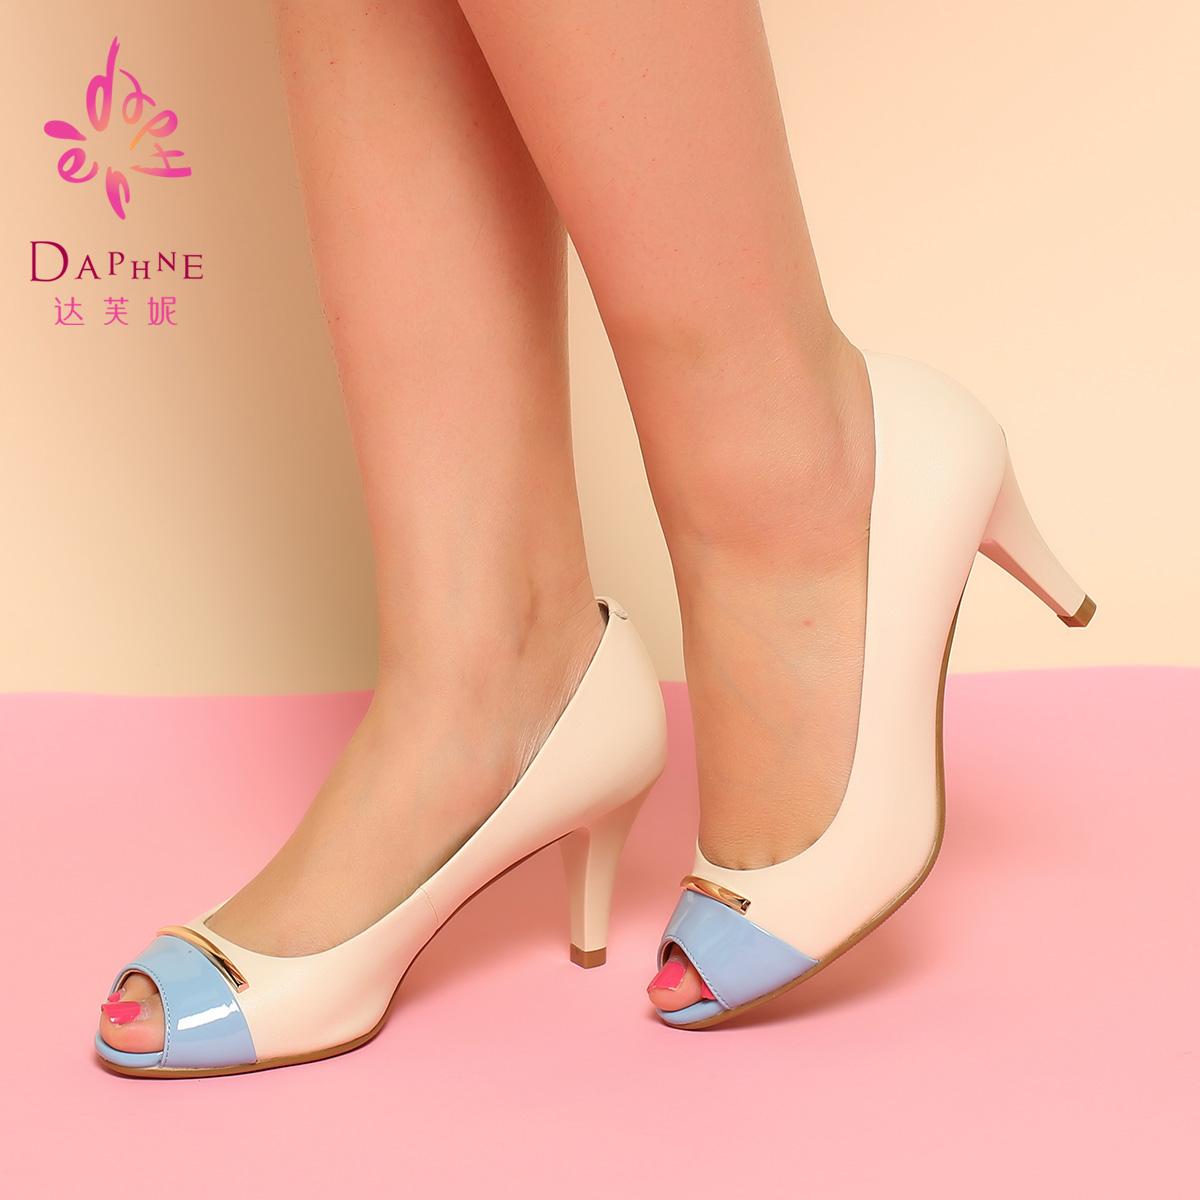 達芙妮專櫃單鞋女鞋 春淺口 高跟鞋細跟撞色魚嘴鞋涼鞋